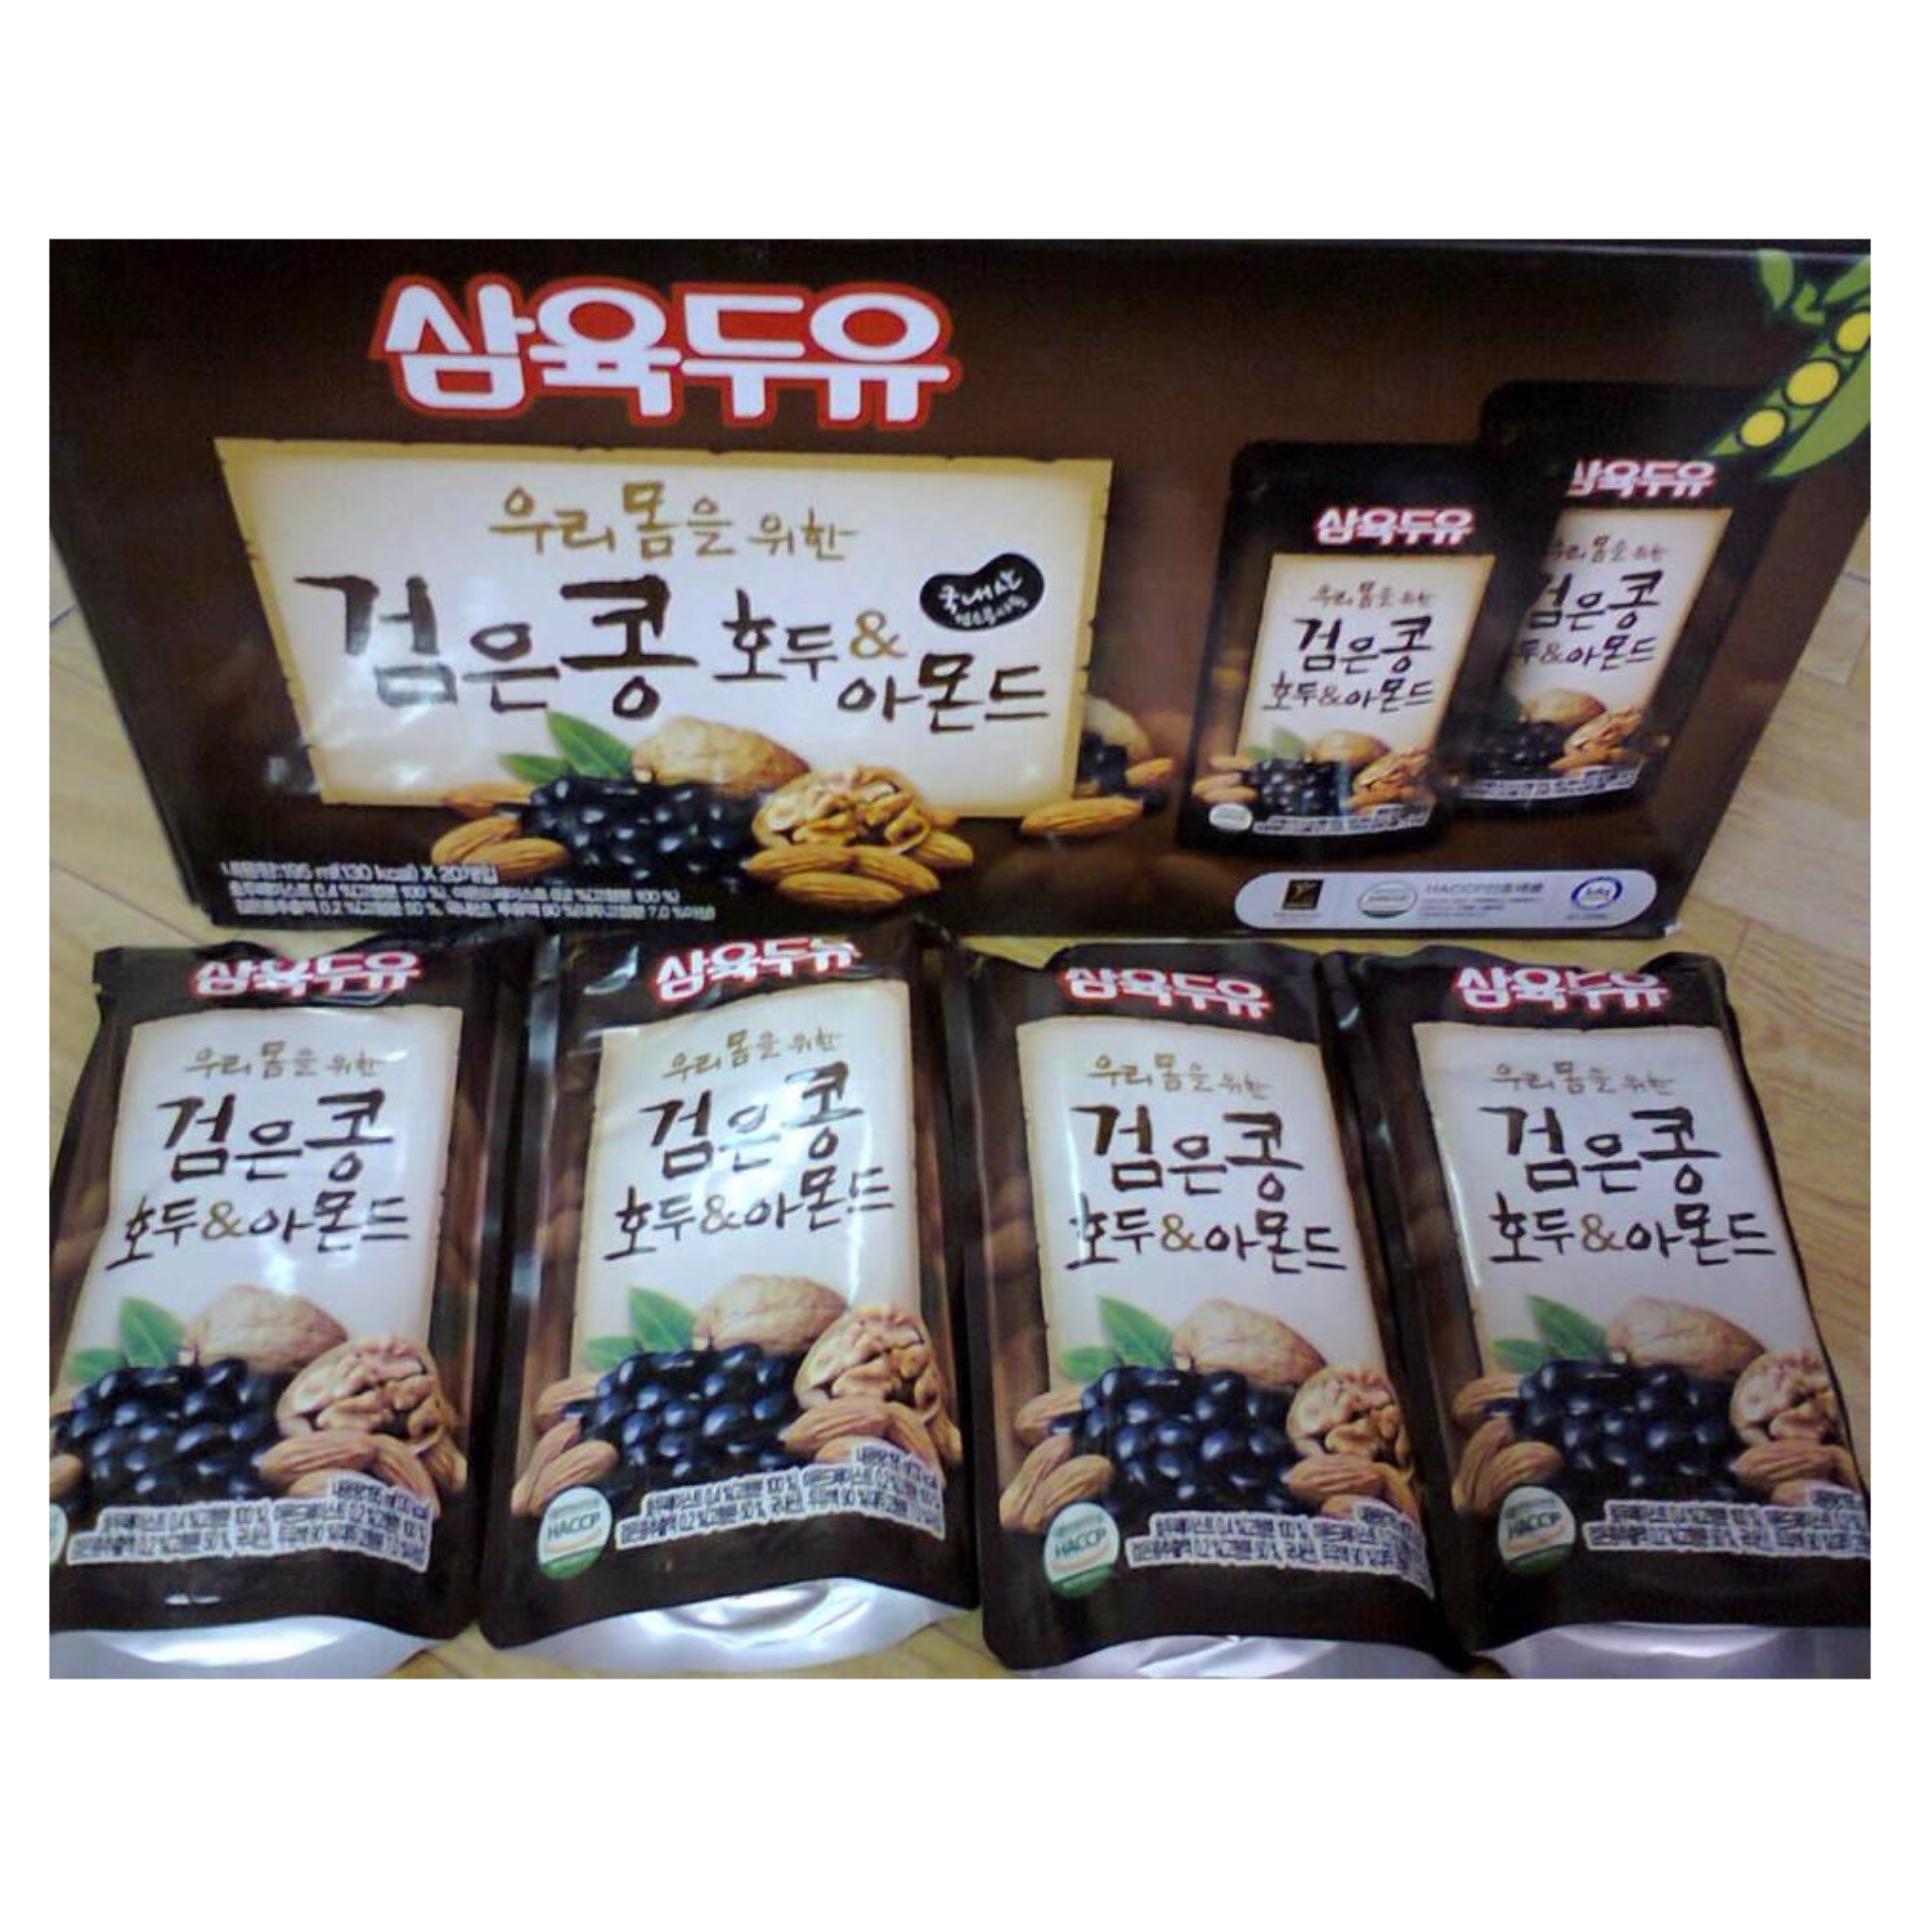 Hộp 20 Gói Nước Đậu Đen Óc Chó Hàn Quốc 195ml